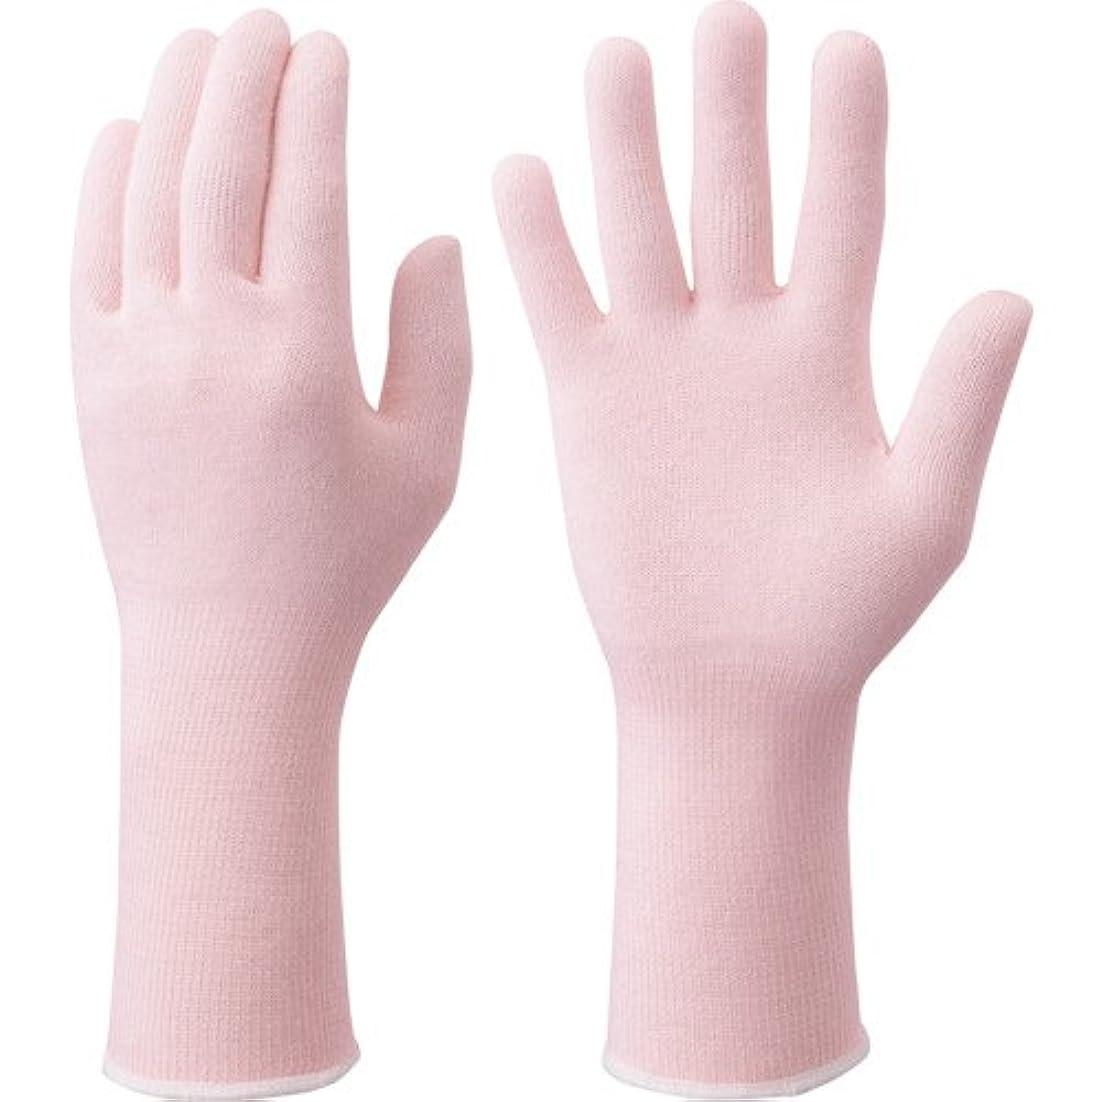 リビングルームアーティキュレーションプレゼント手肌をいたわる手袋フリーピンク